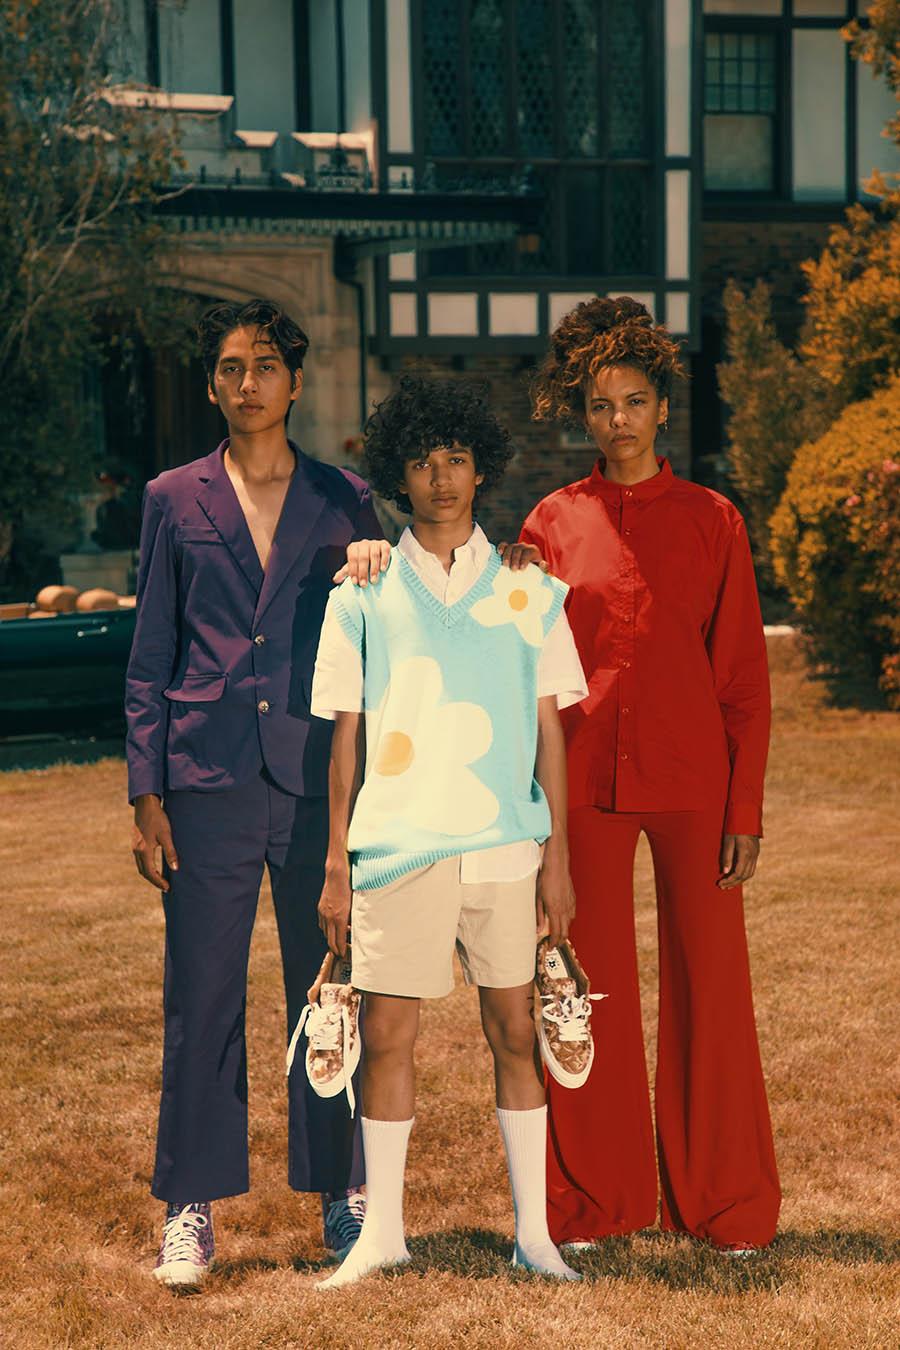 Converse x Golf Le Fleur Collection Velvet